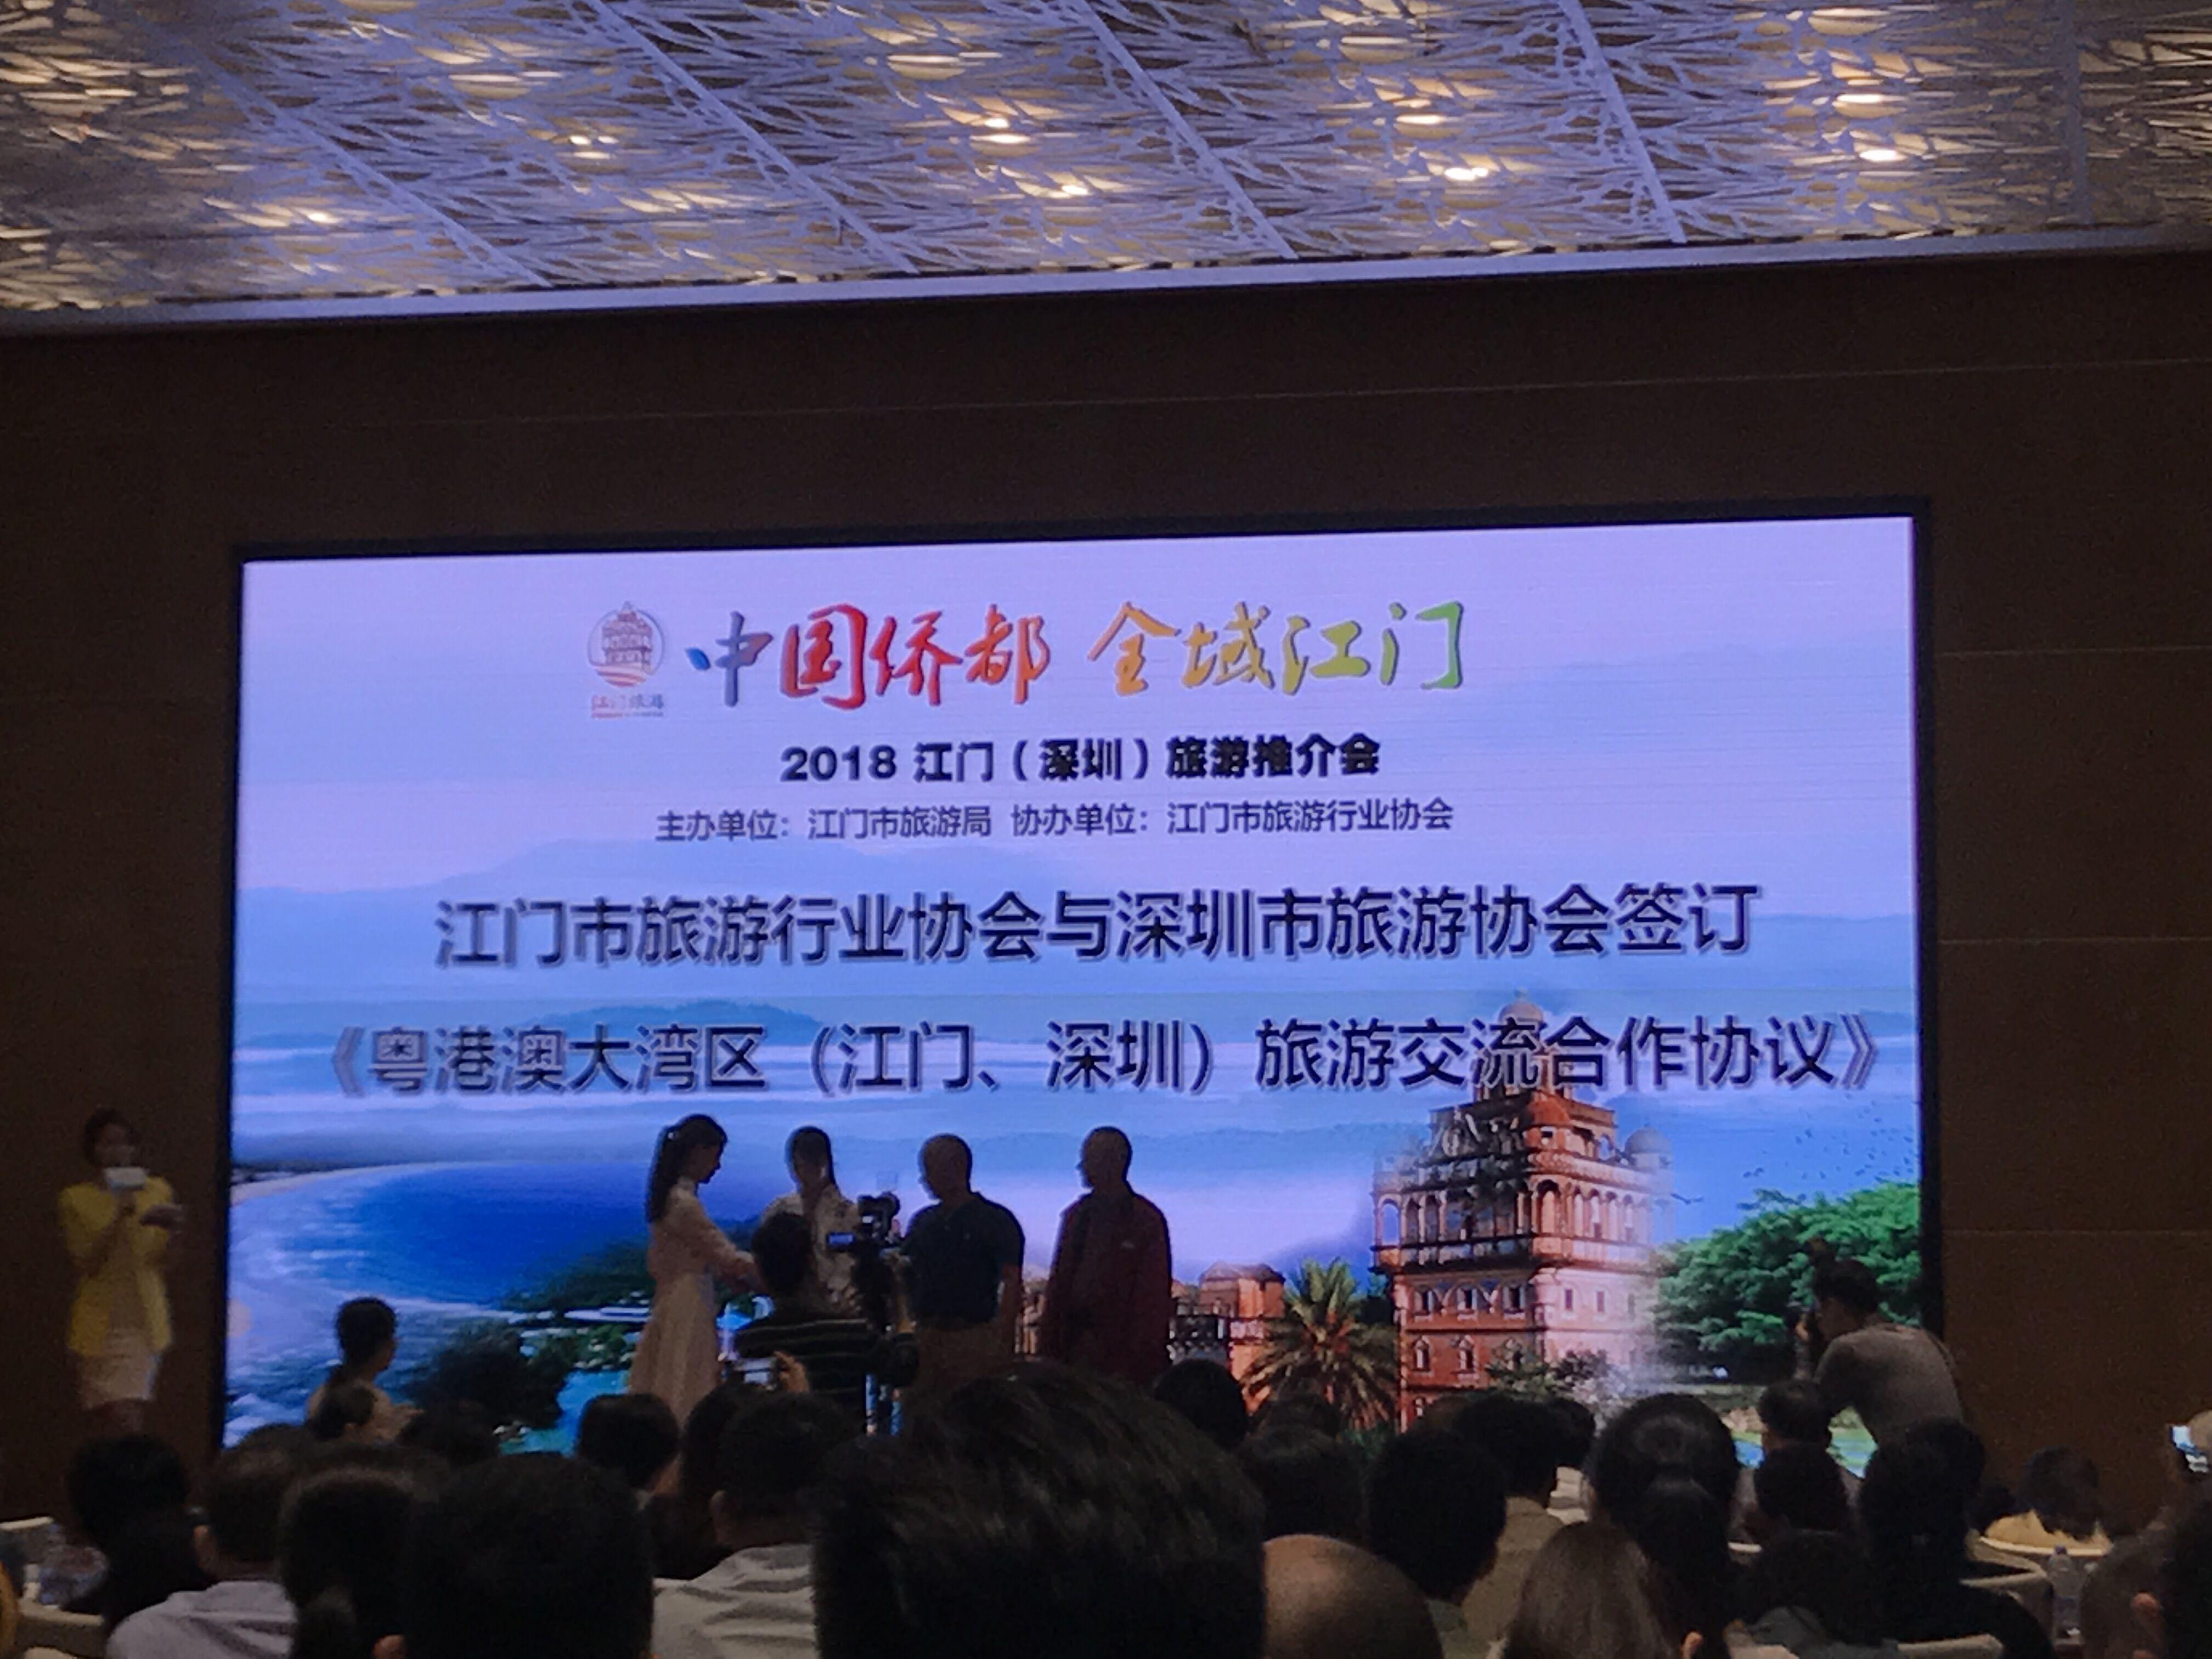 中国侨都江门 旅游推介会在深圳成功举办